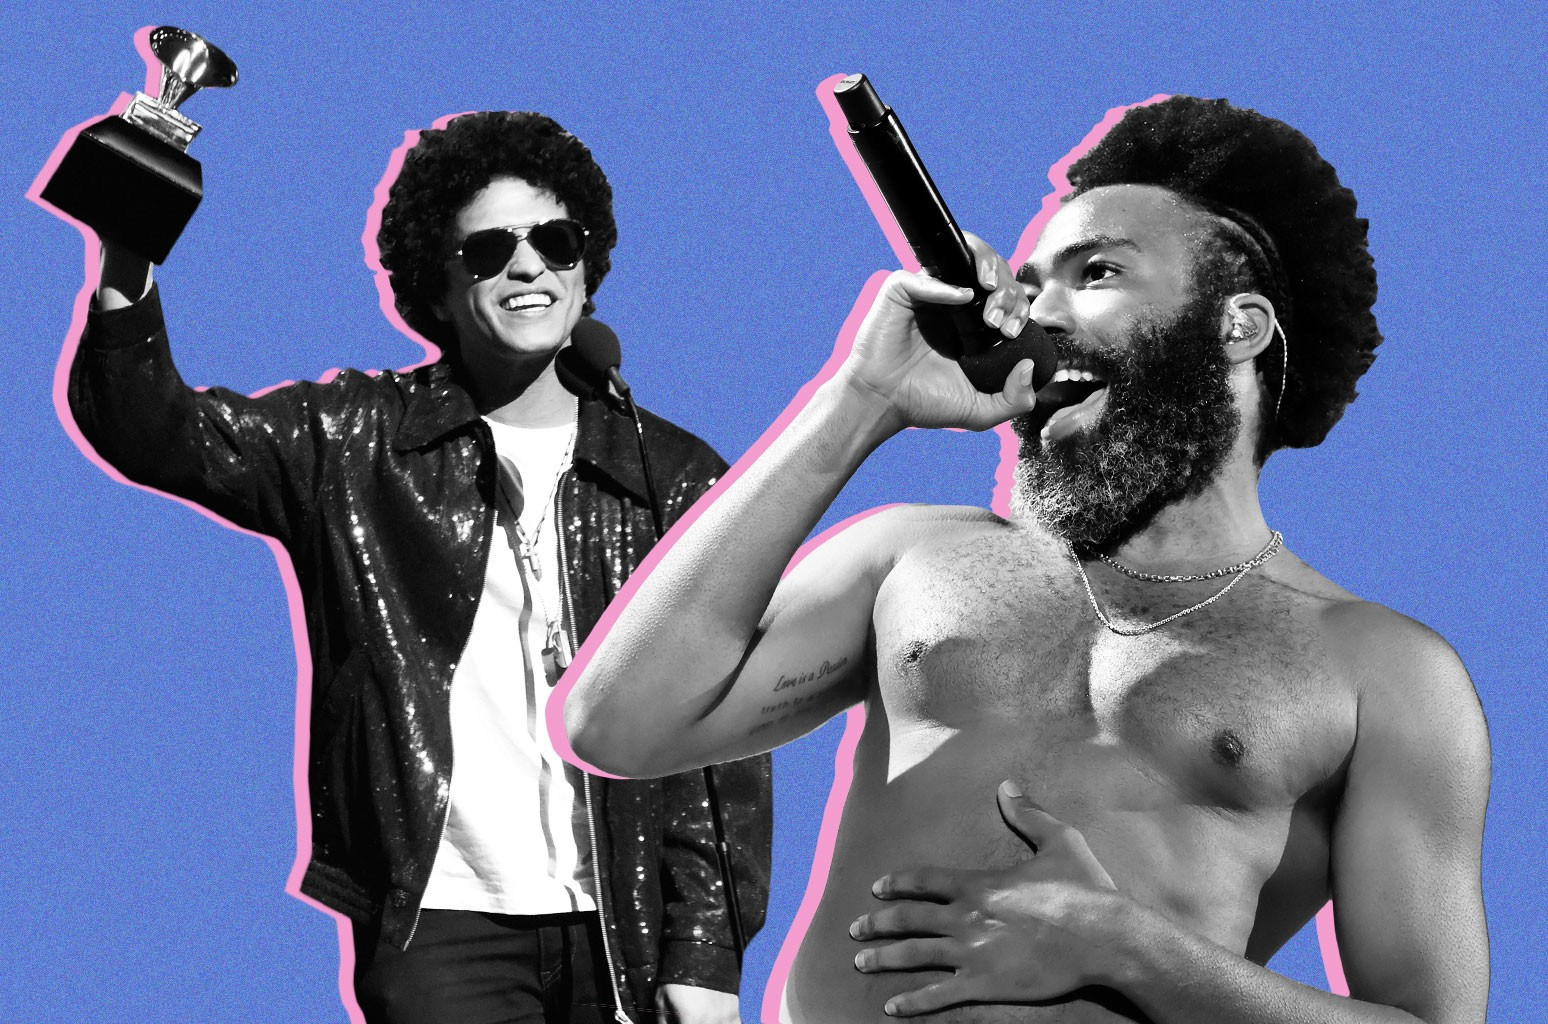 Bruno Mars and Childish Gambino